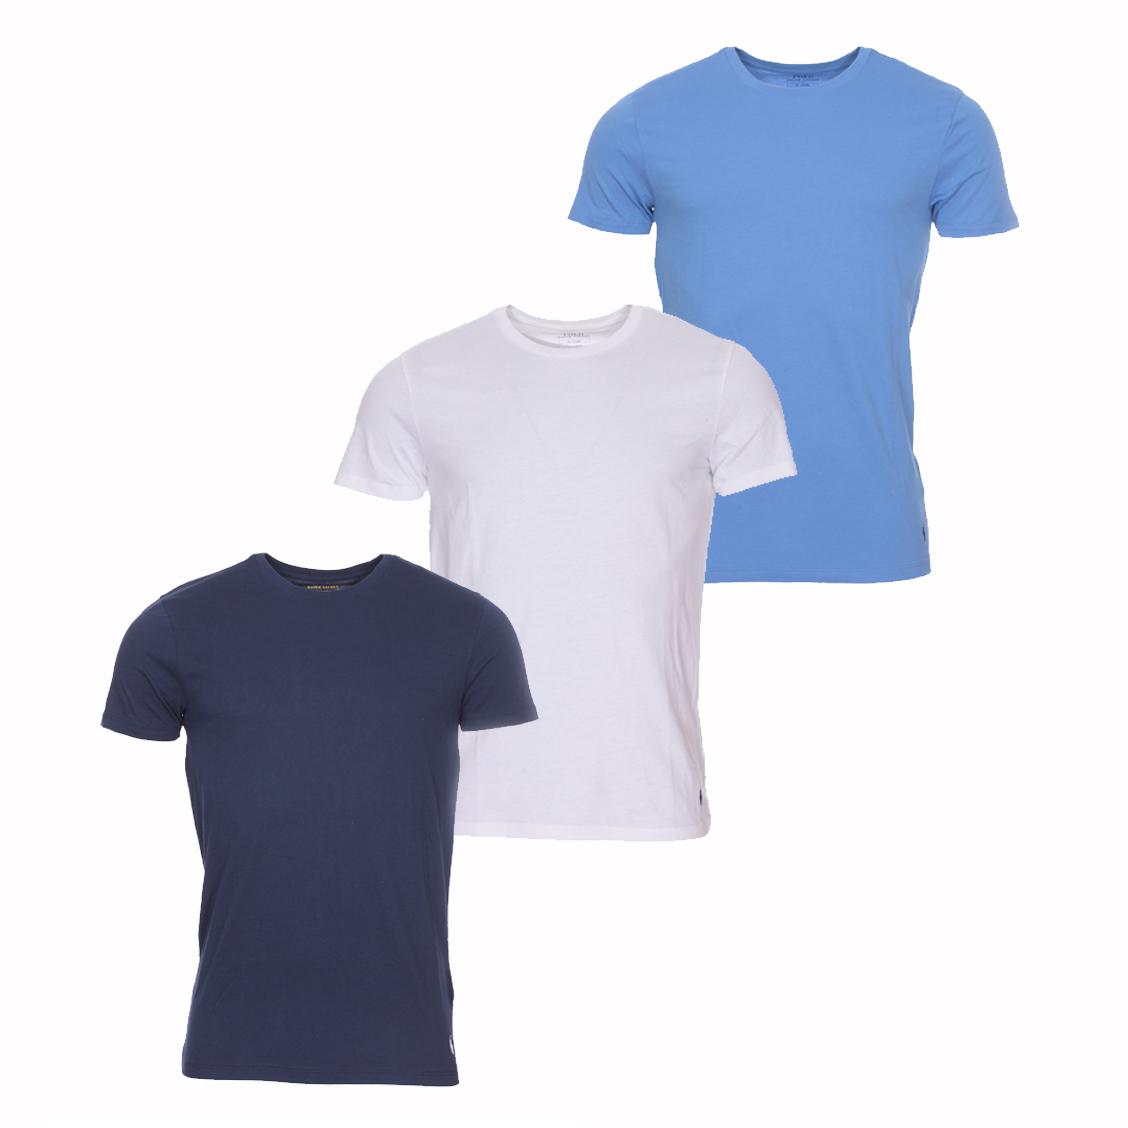 Lot de 3 tee-shirts col rond  en coton bleu marine, bleu pétrole et blanc